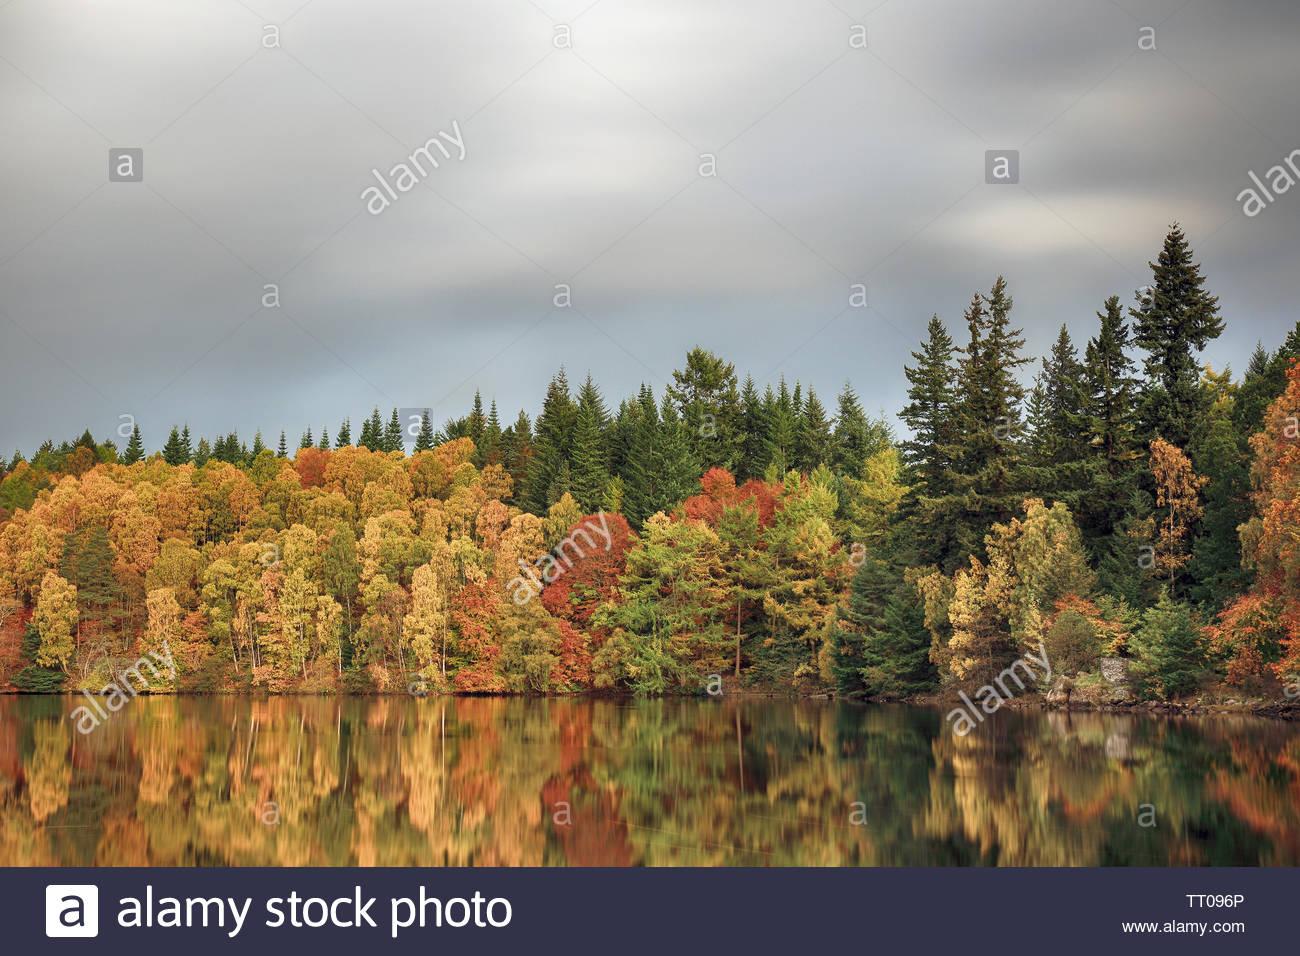 Una lunga esposizione Otturatore di colori d'Autunno alberi riflettendo sulle rive di un fiume. Foto Stock